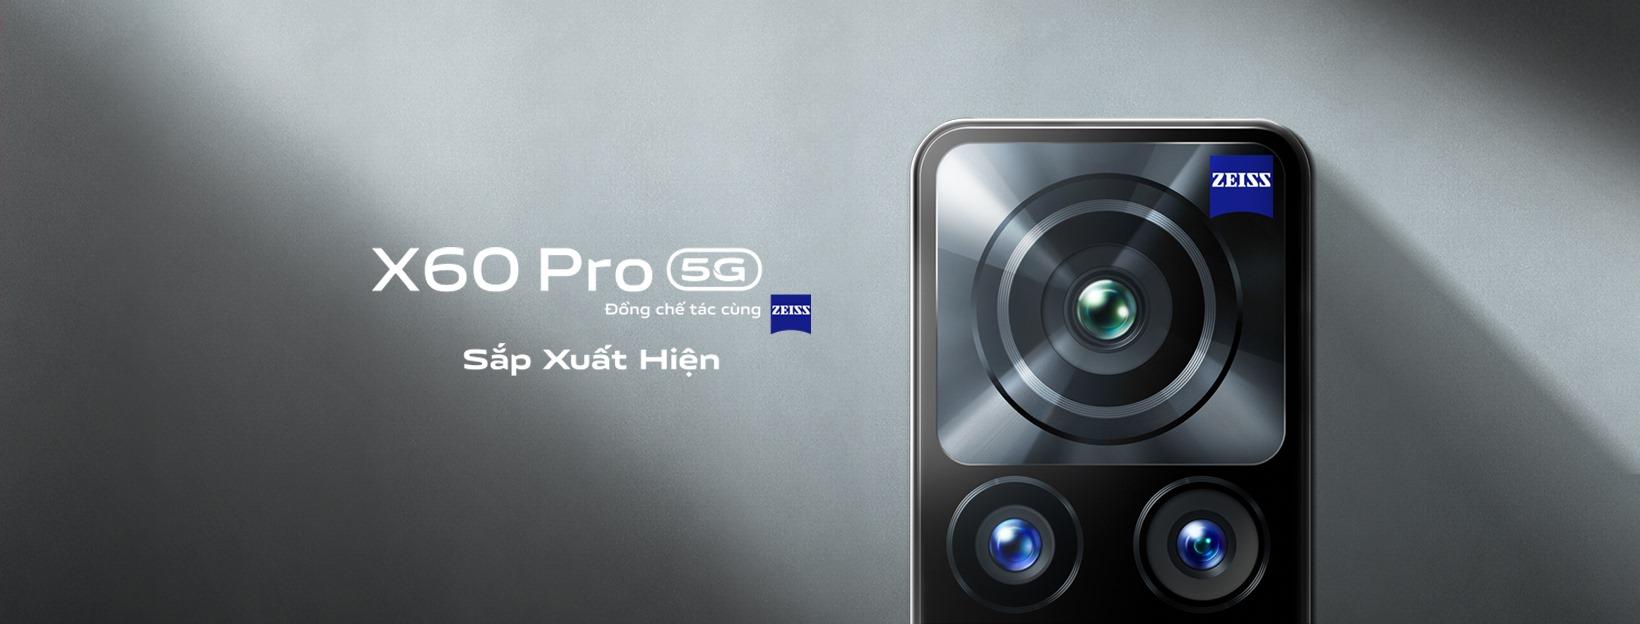 vivo X60 Pro với camera được đồng chế tác cùng ZEISS sẽ ra mắt vào đầu tháng 4. (xin ảnh bỏ text)